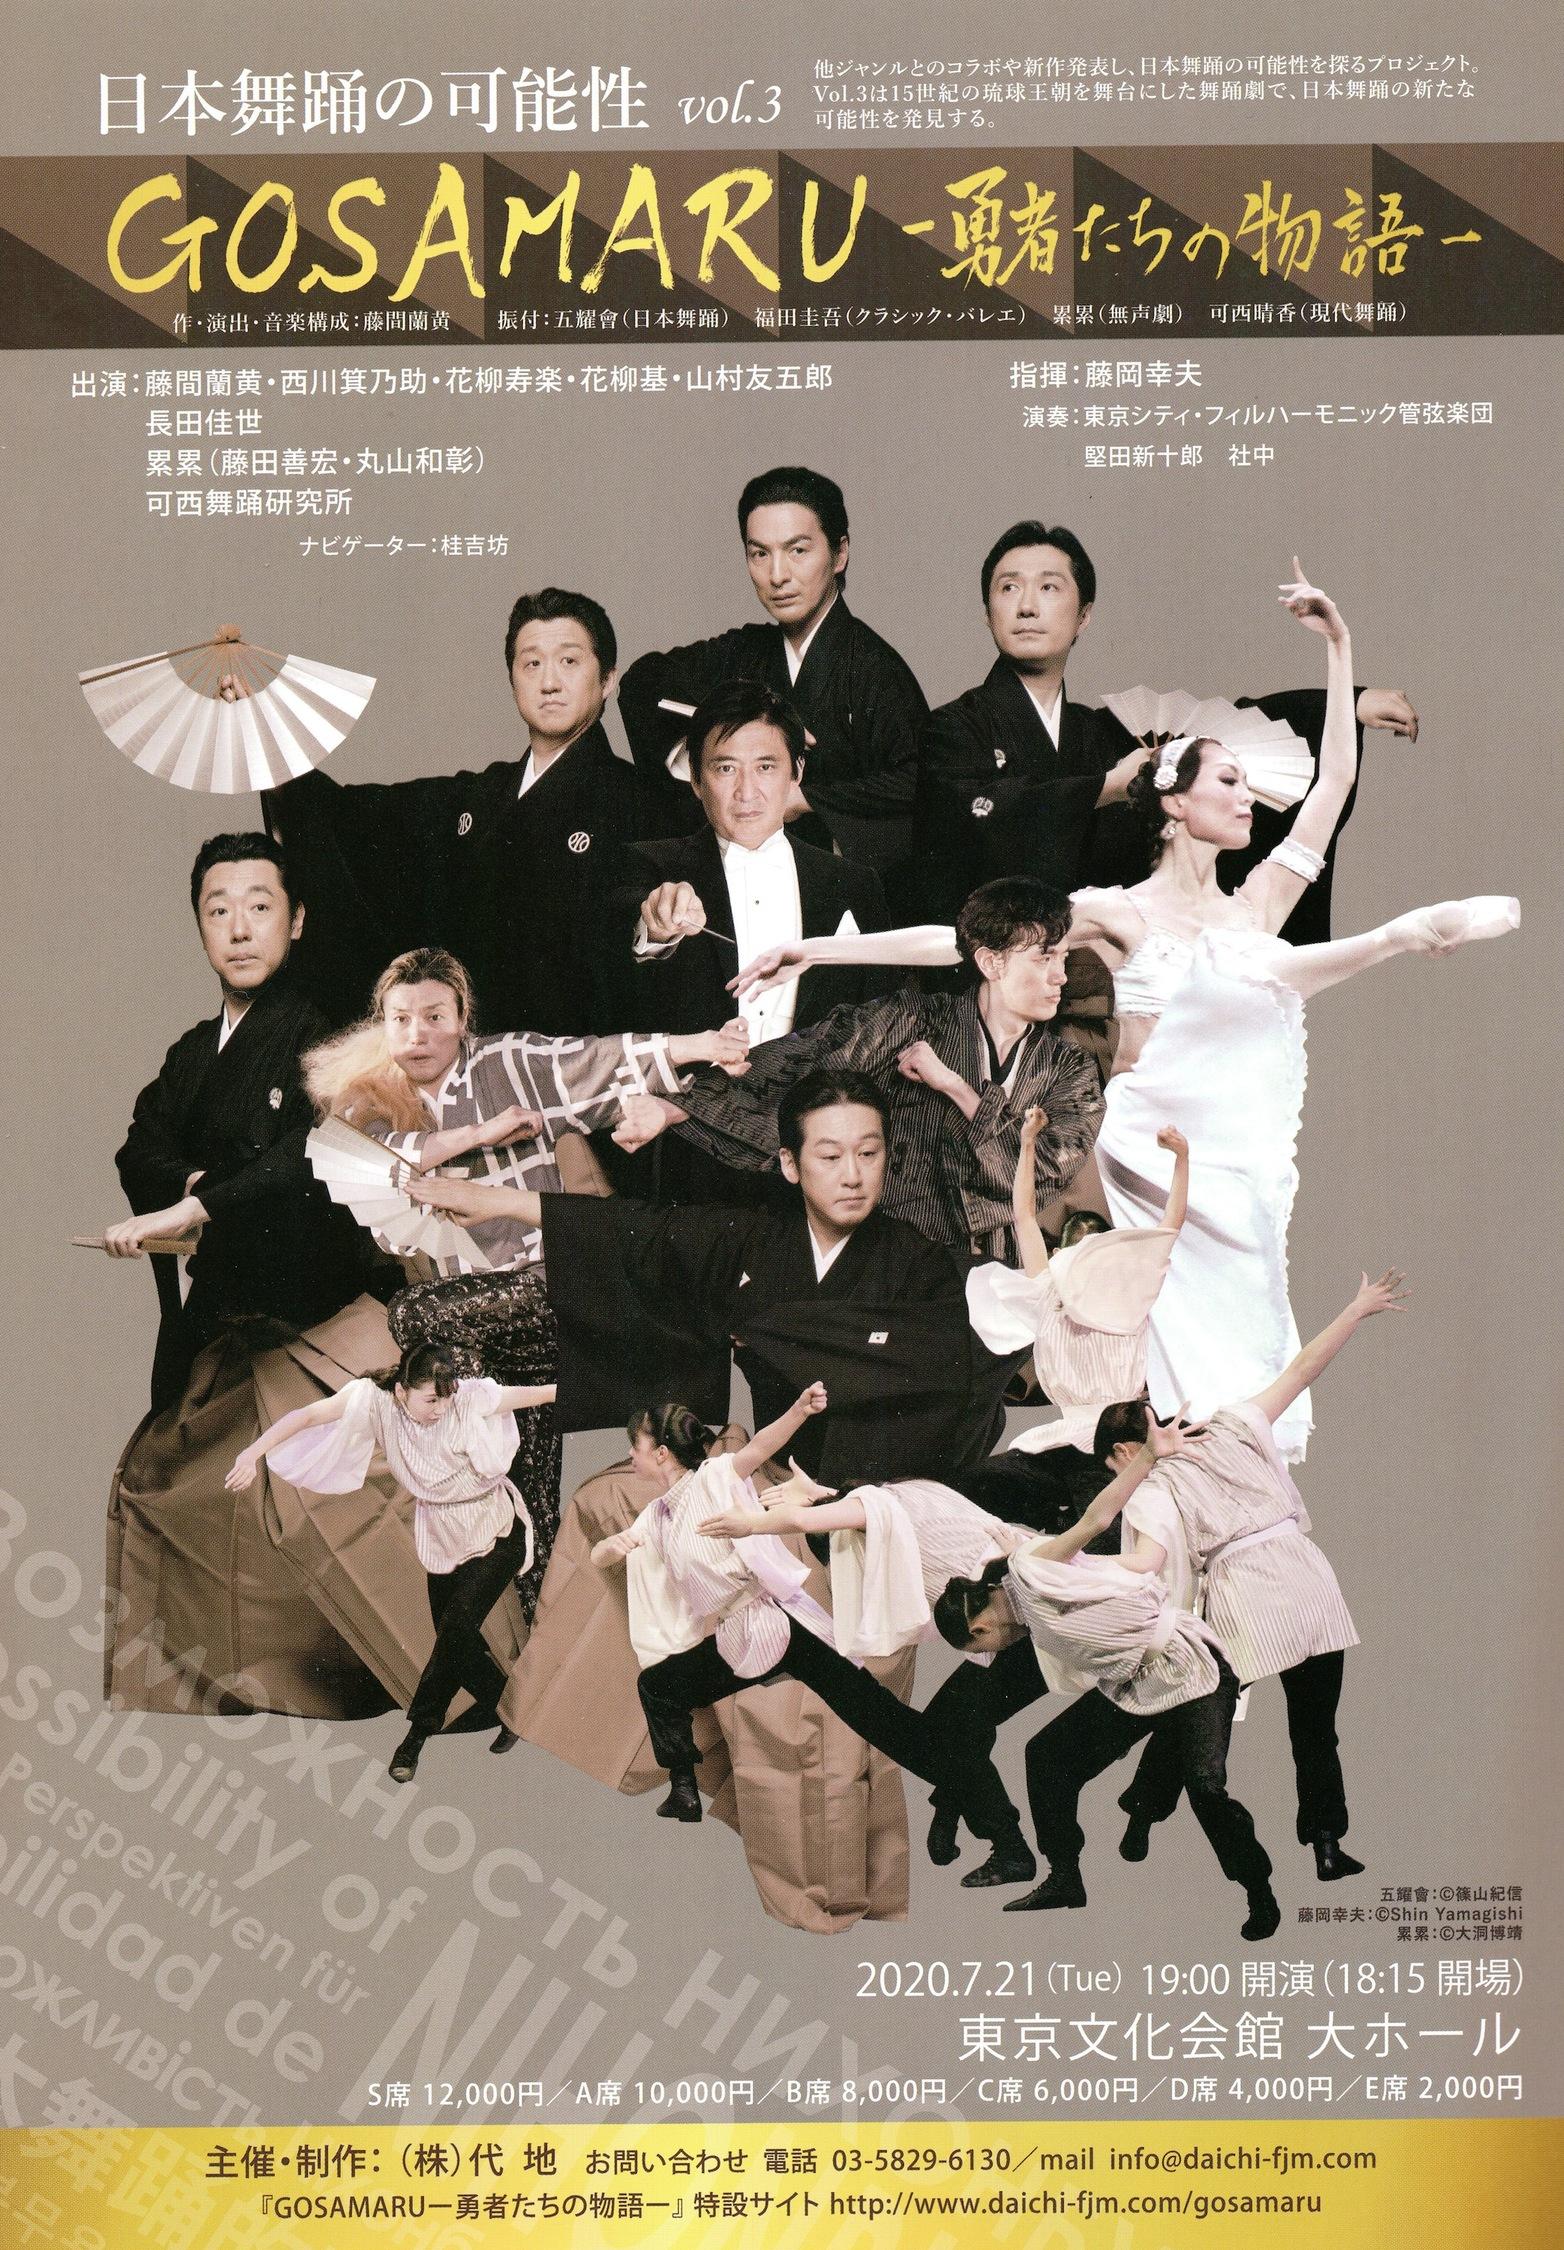 日本舞踊の可能性 VOL.3 『GOSAMARU(護佐丸)〜勇者たちの物語」ポスター